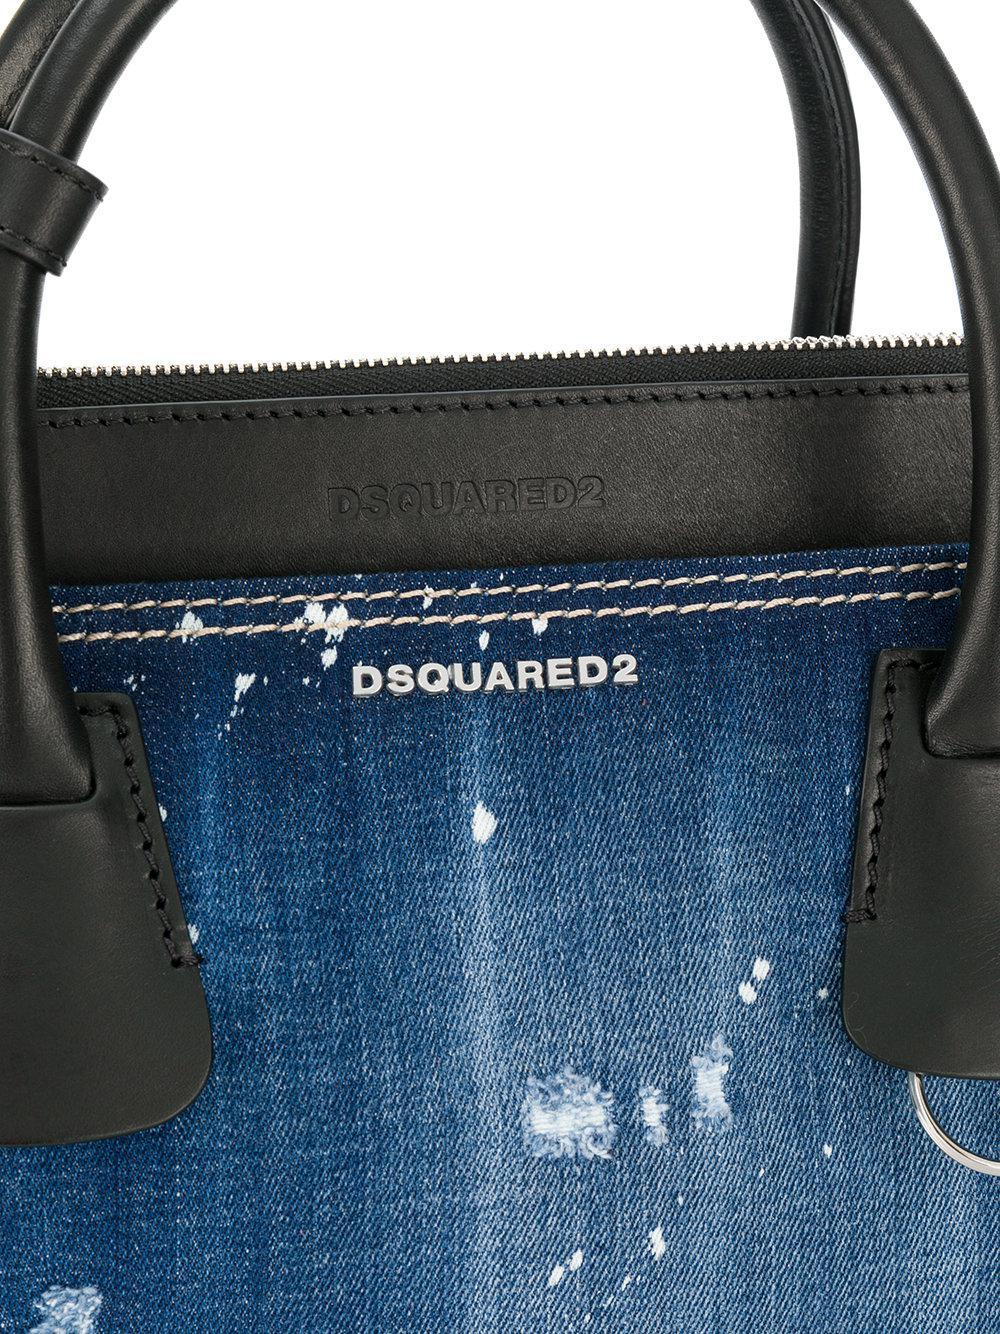 DSquared² Denim Tote Bag in Blue